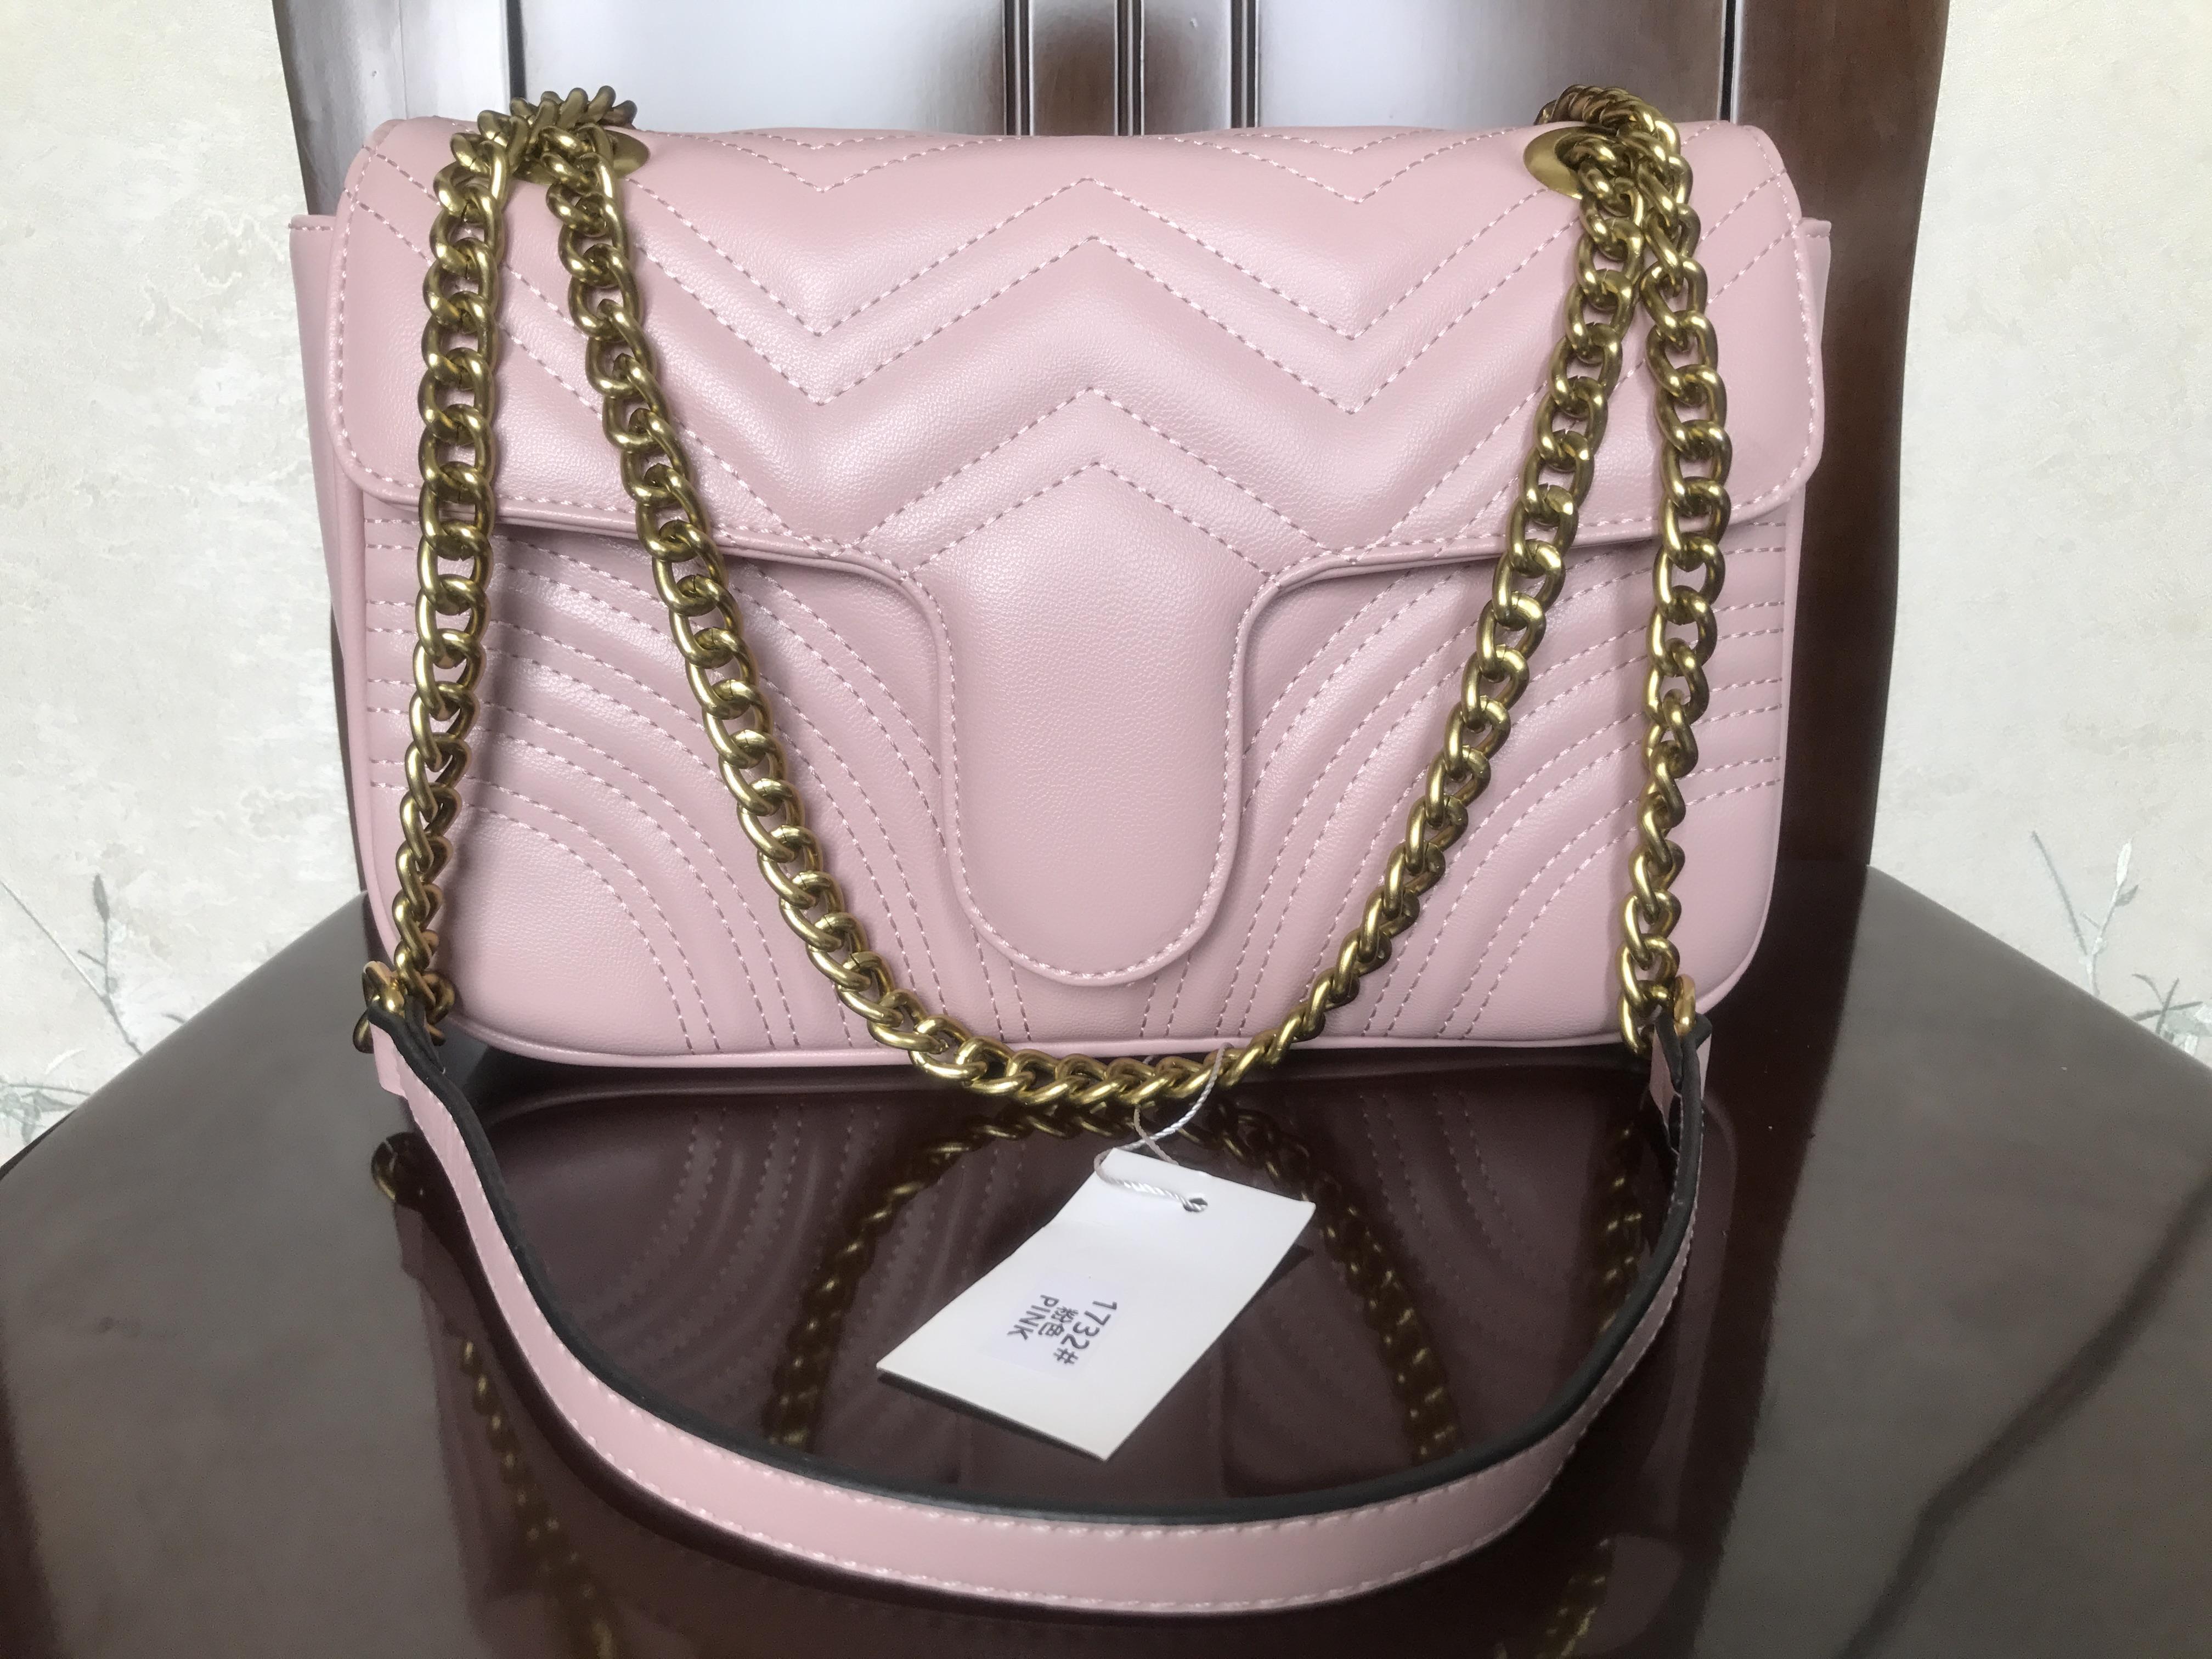 2020 Качество 5 цветов известный бренд женщин дизайнер сумка кожаная цепочка сумка Cross body чистый цвет женская сумка crossbody сумка кошелек